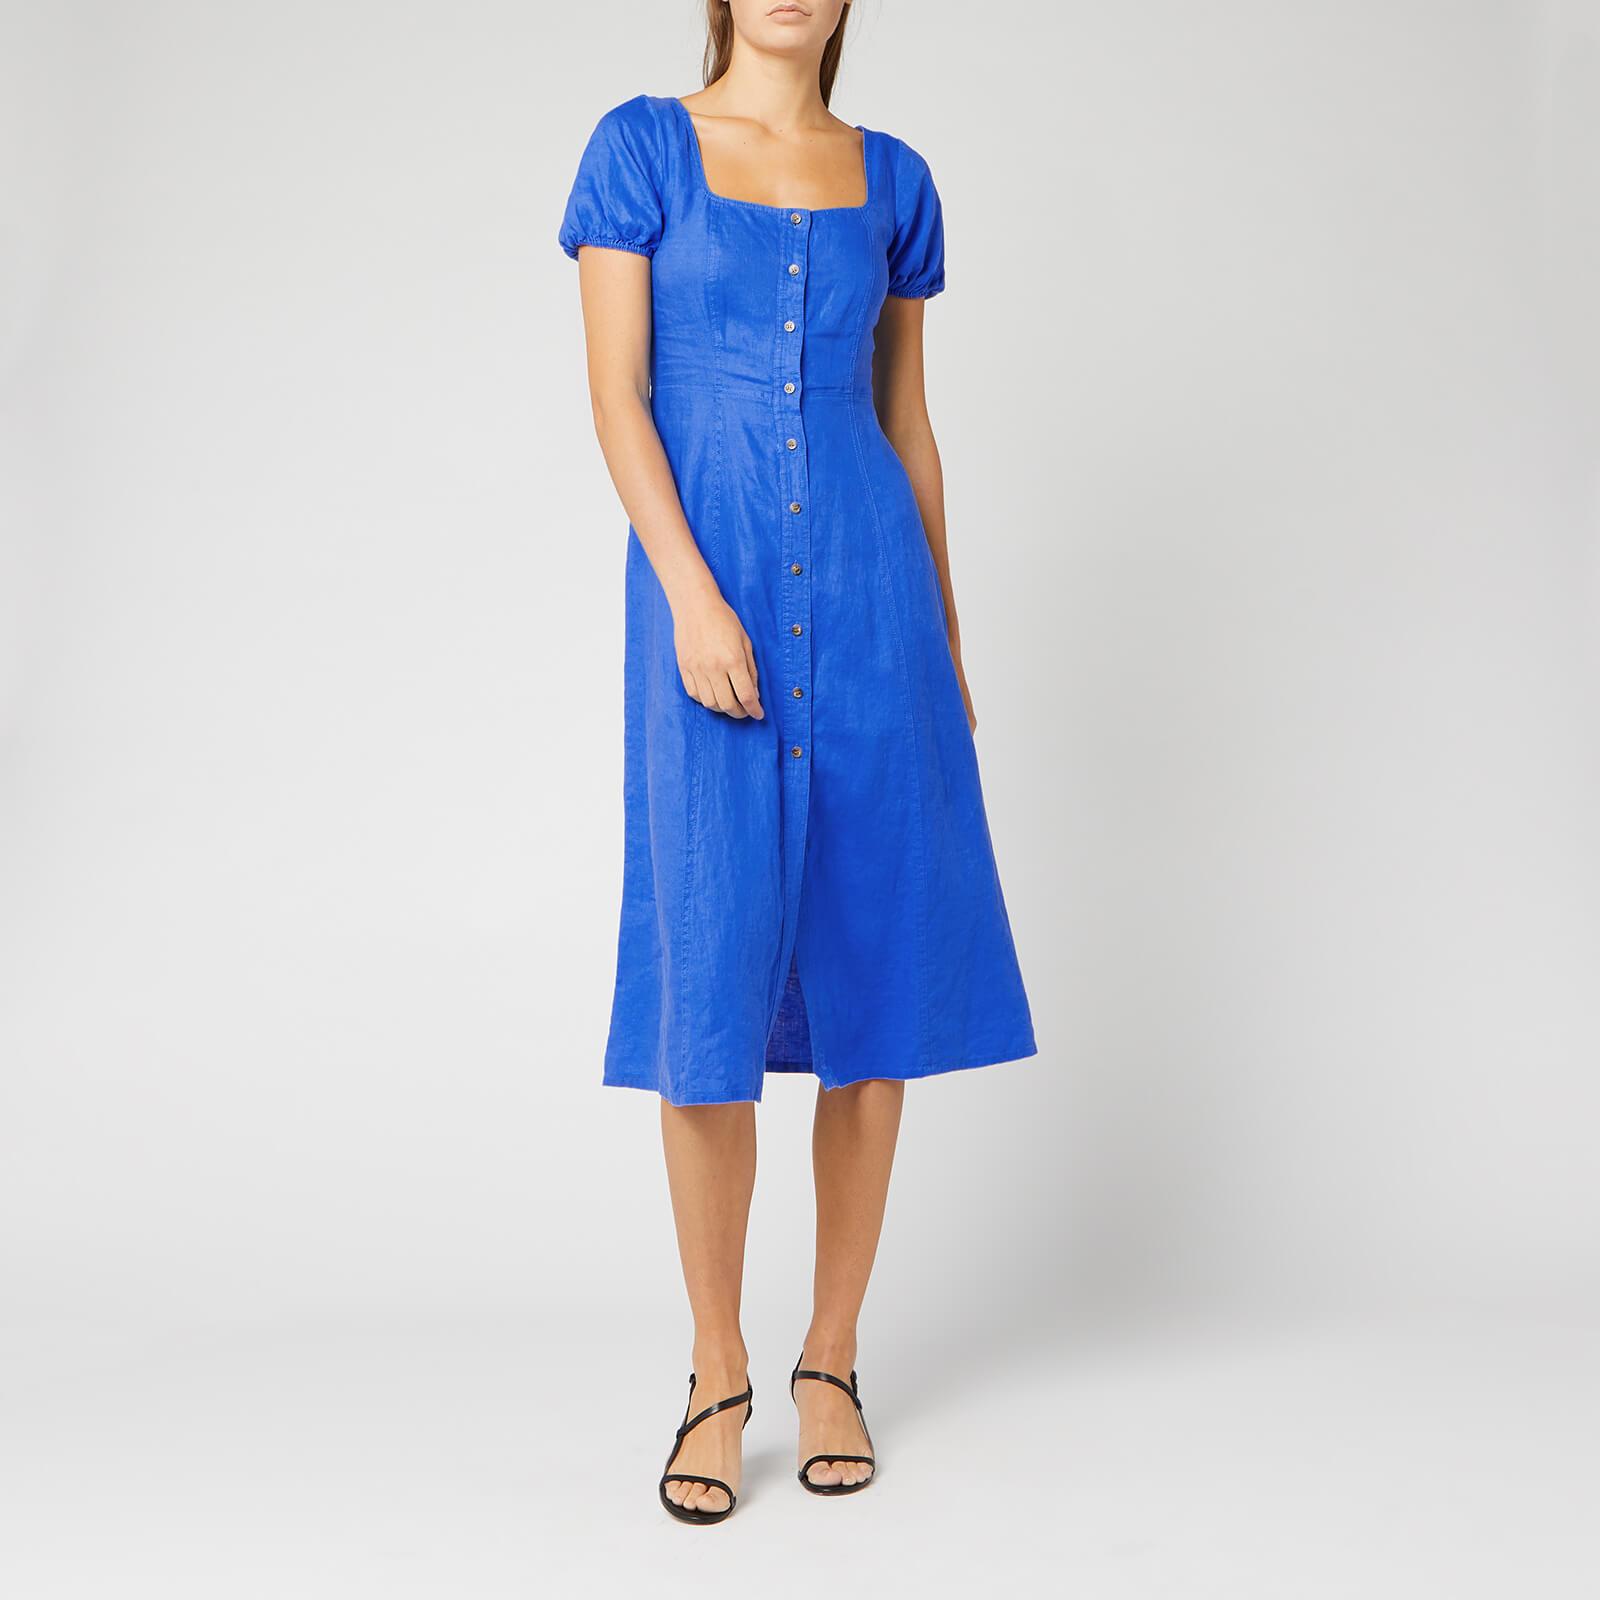 Whistles Women's Remi Linen Dress - Blue - UK 10 - Blue